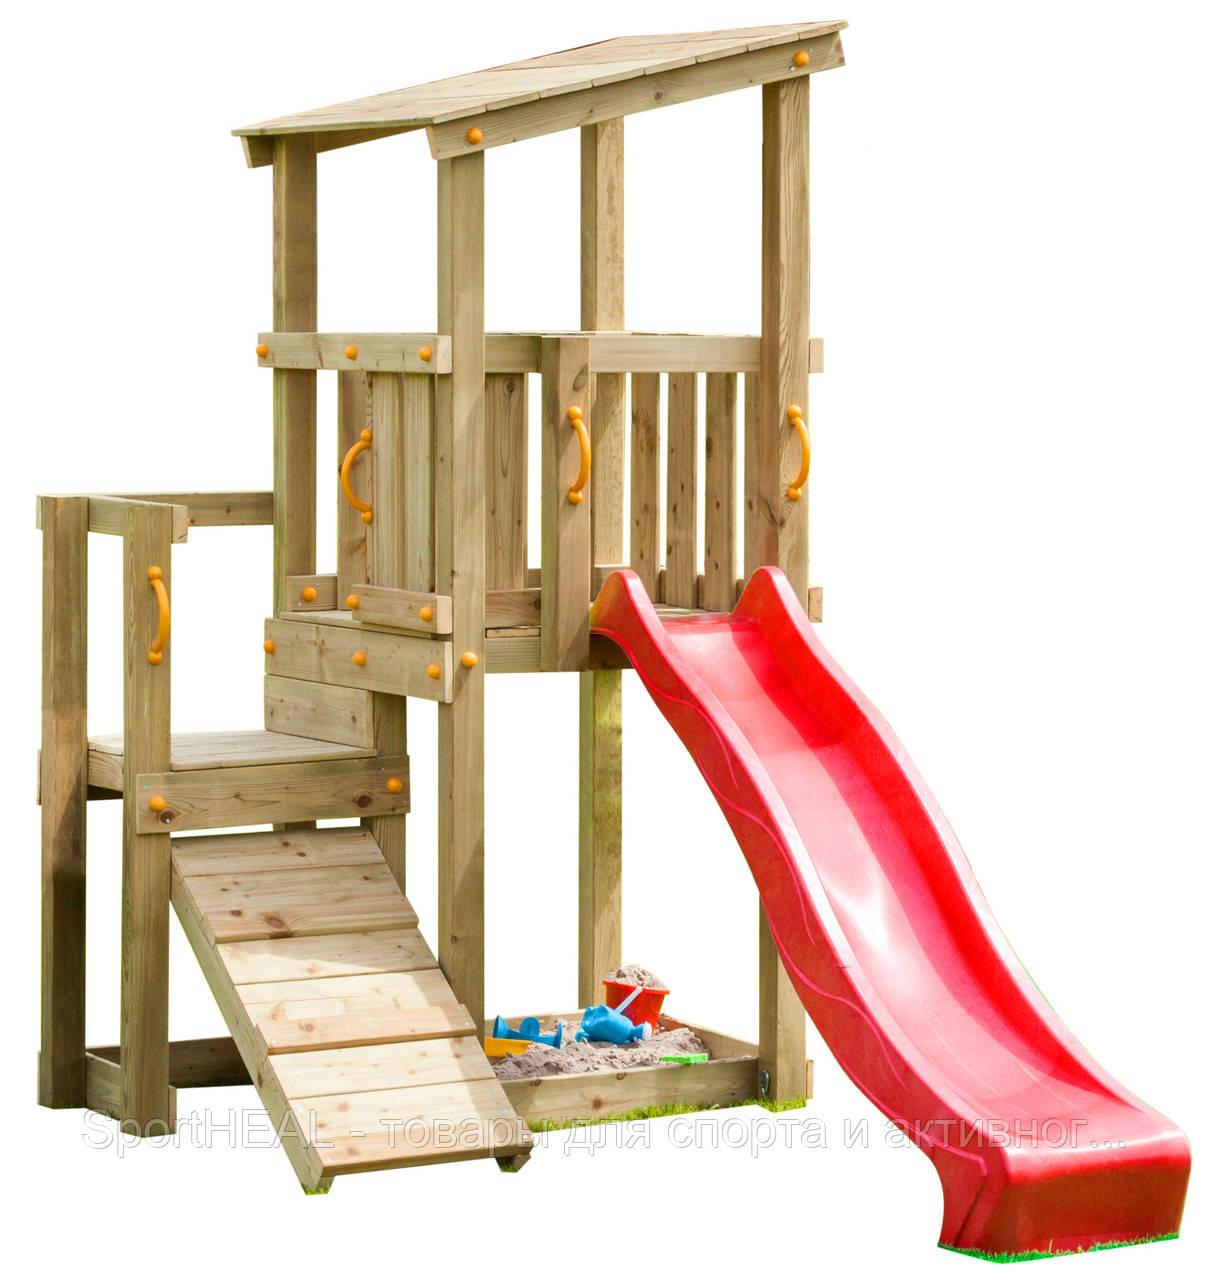 Детская игровая площадка Blue Rabbit Cascade с 2 горками